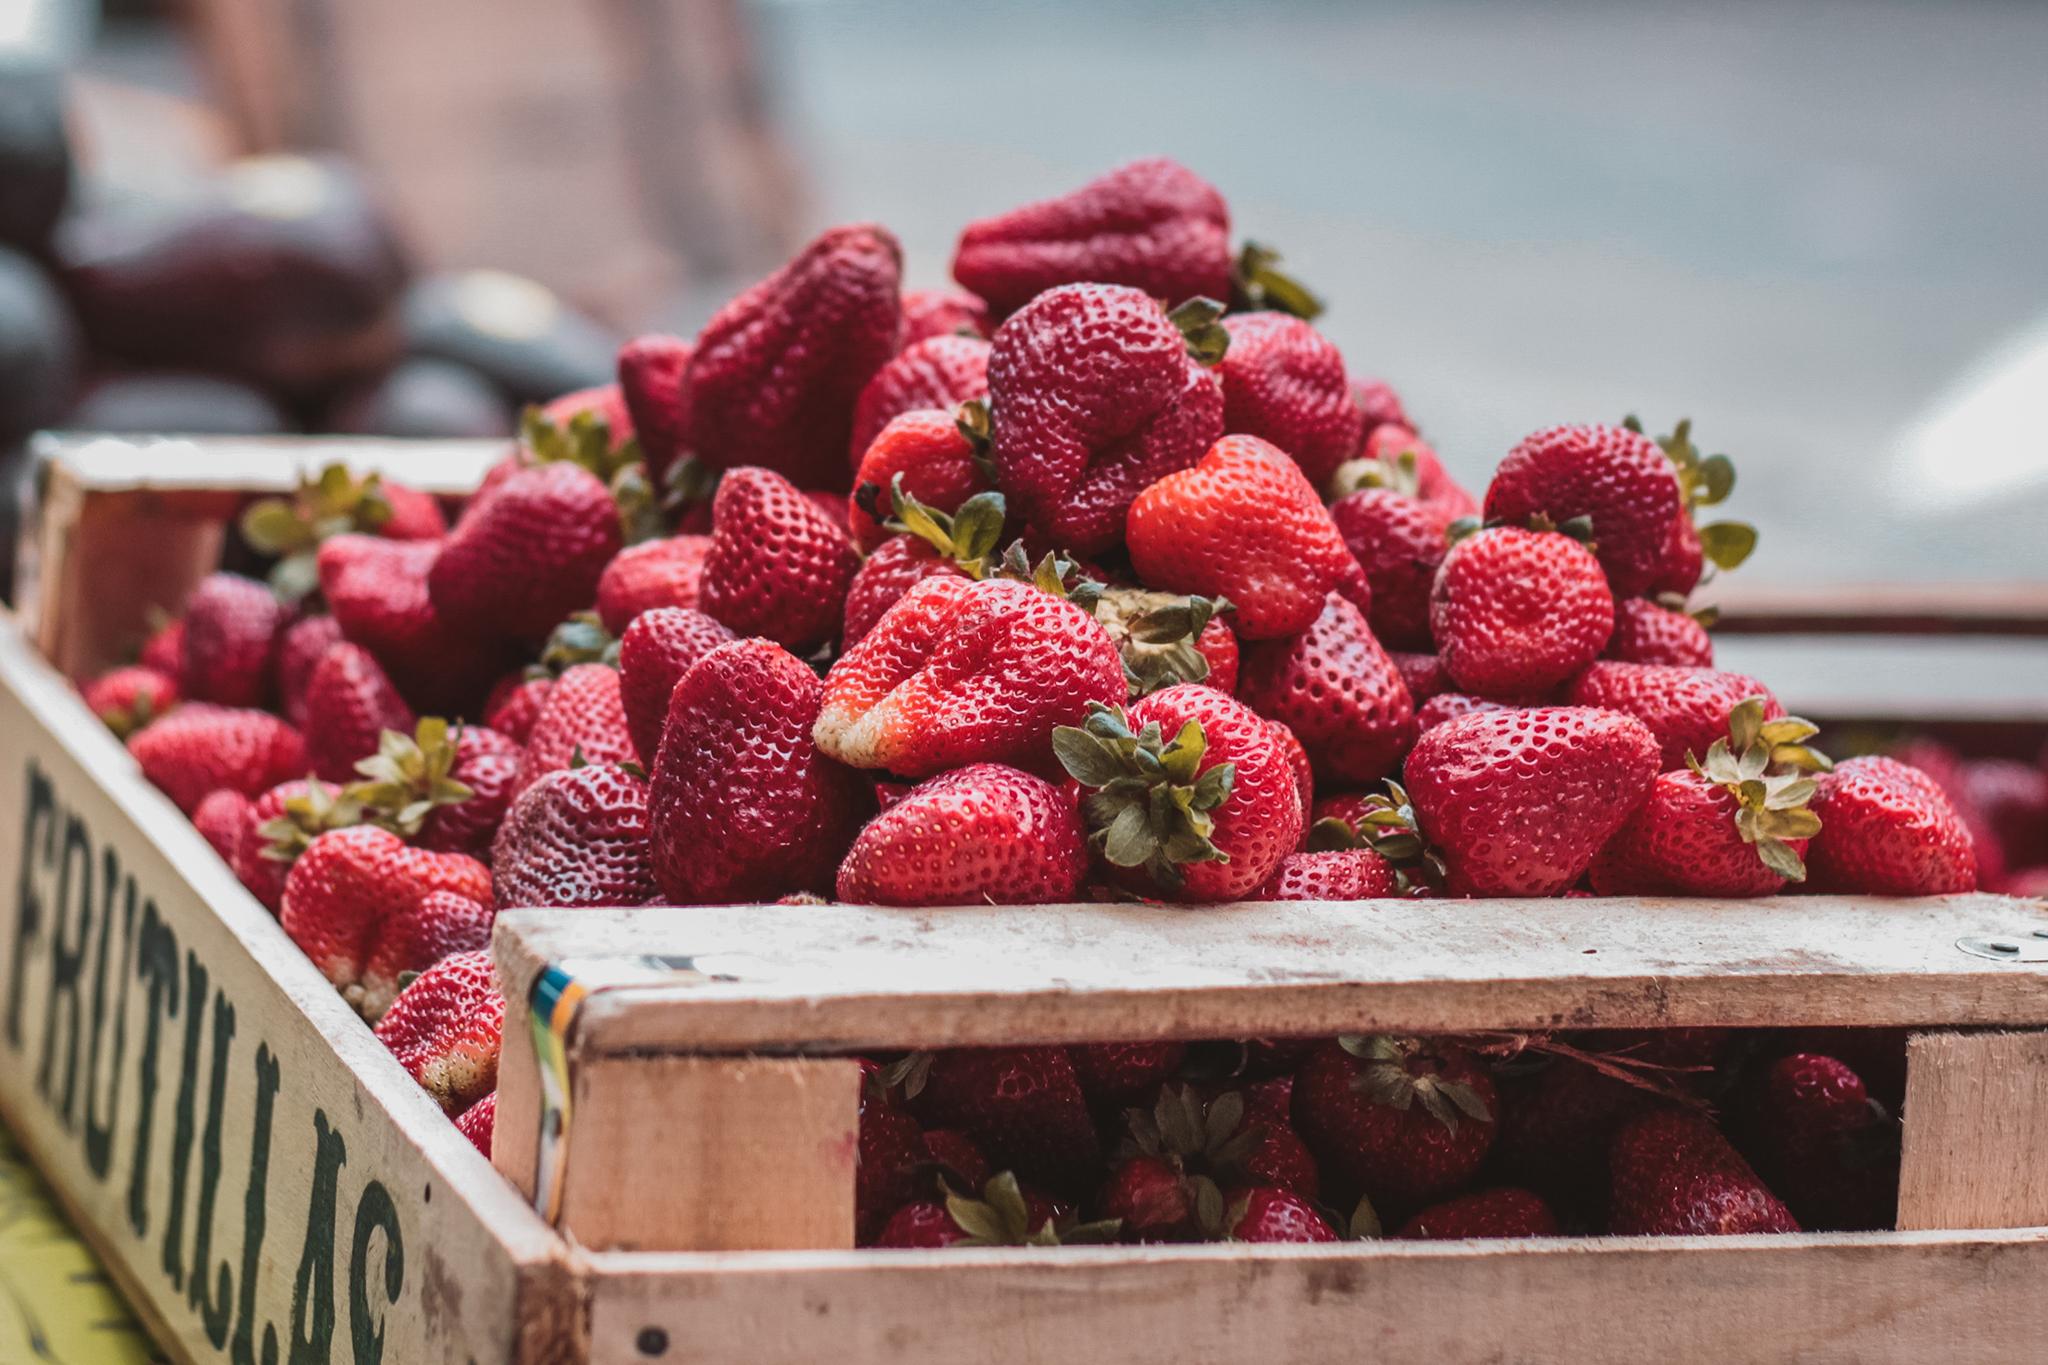 Strawberry picking Miami